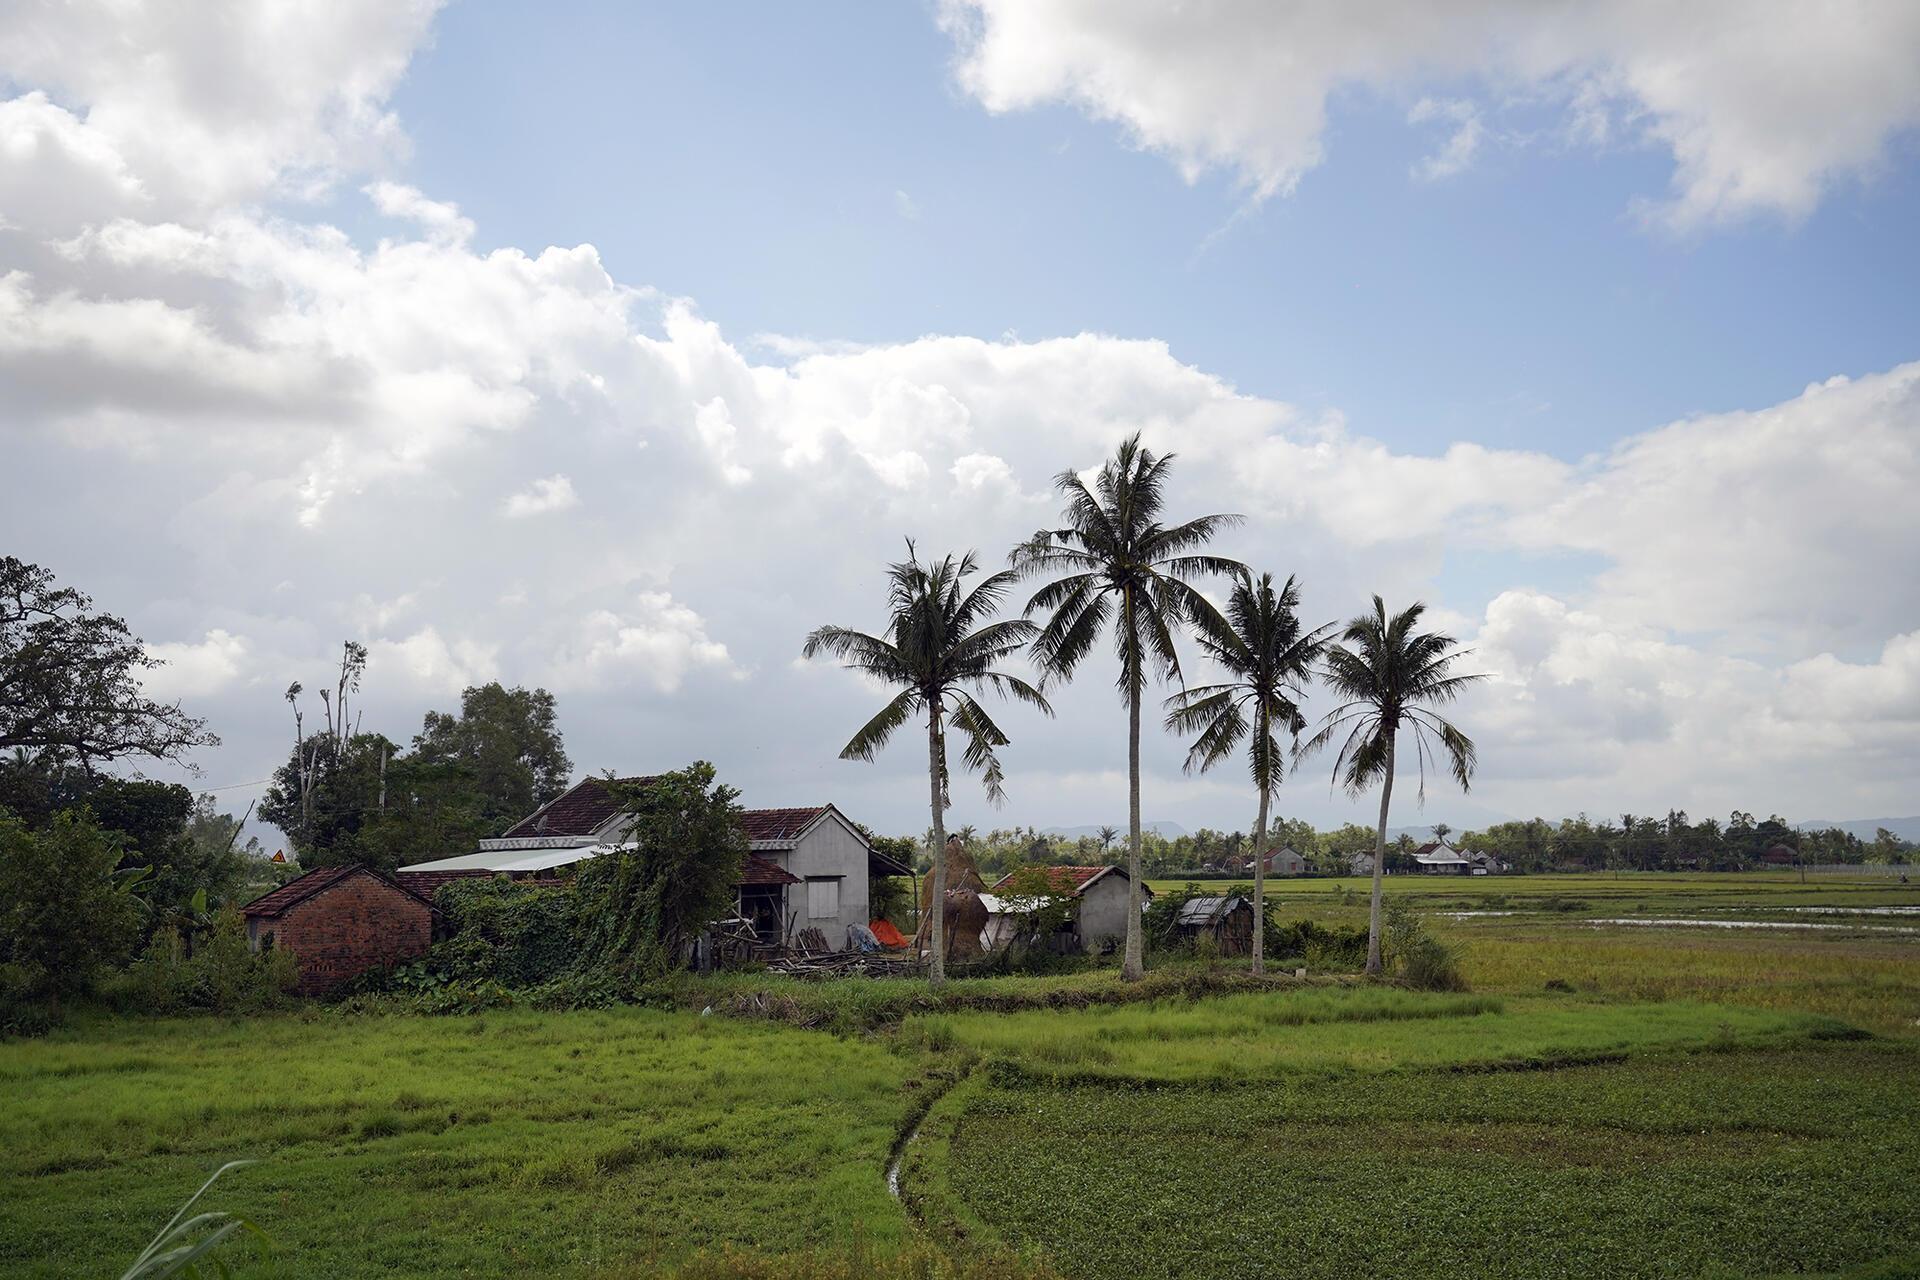 Nào là ruộng, dừa và xa xa là dãy núi, nhìn sướng mắt vô cùng mỗi lần đoàn dừng lại